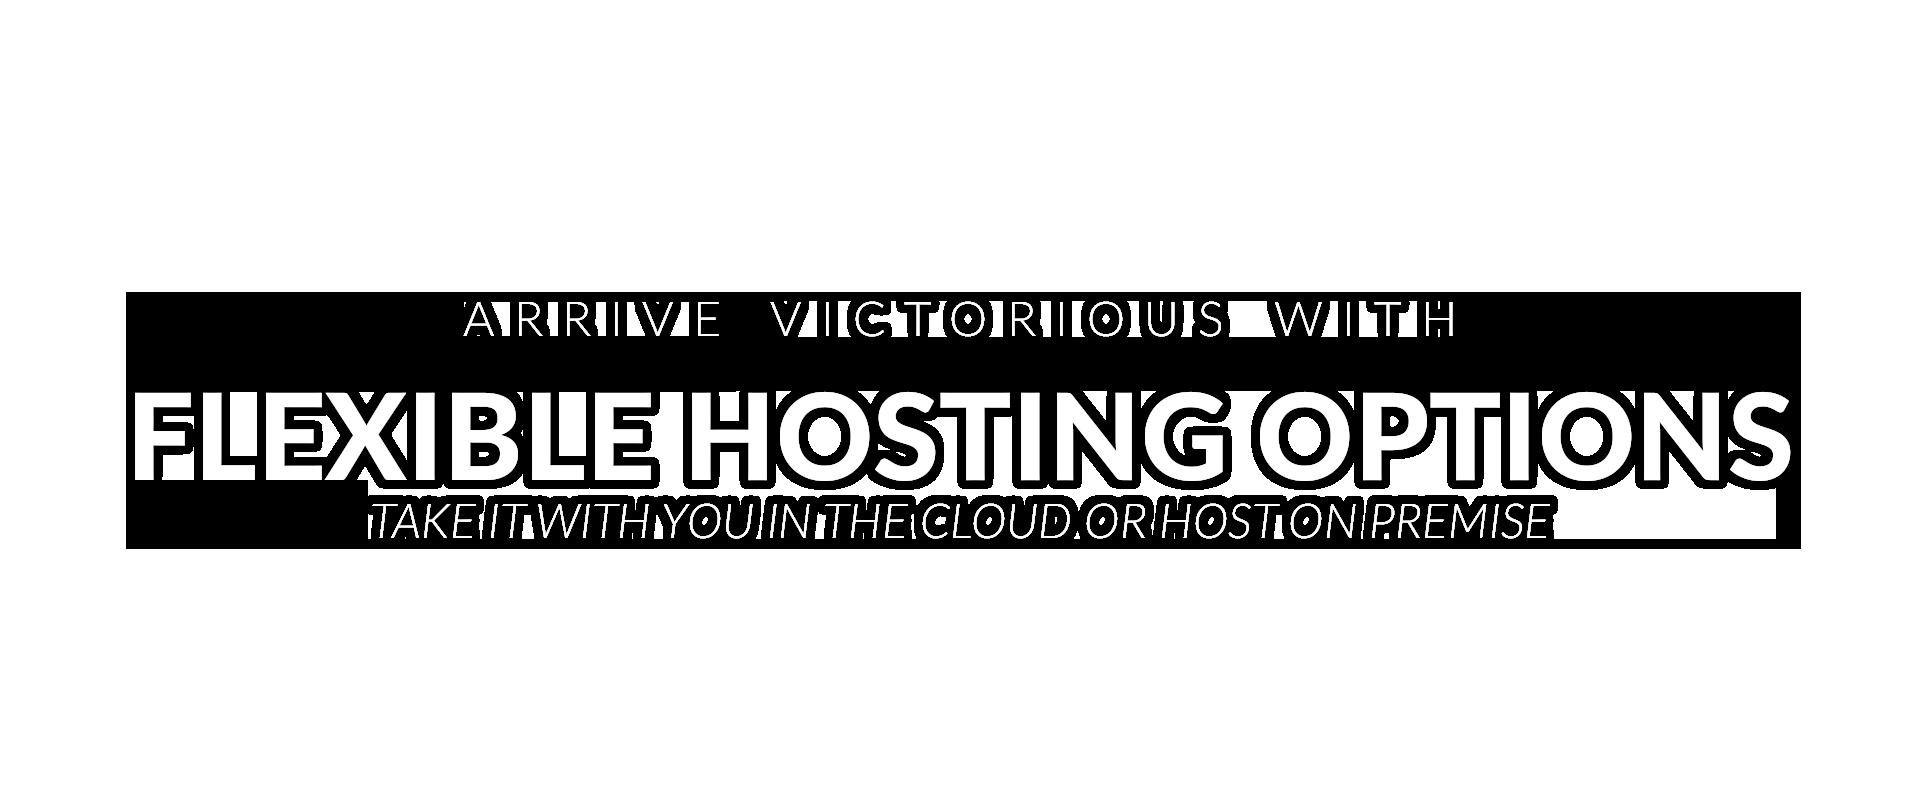 Flexible Hosting Options